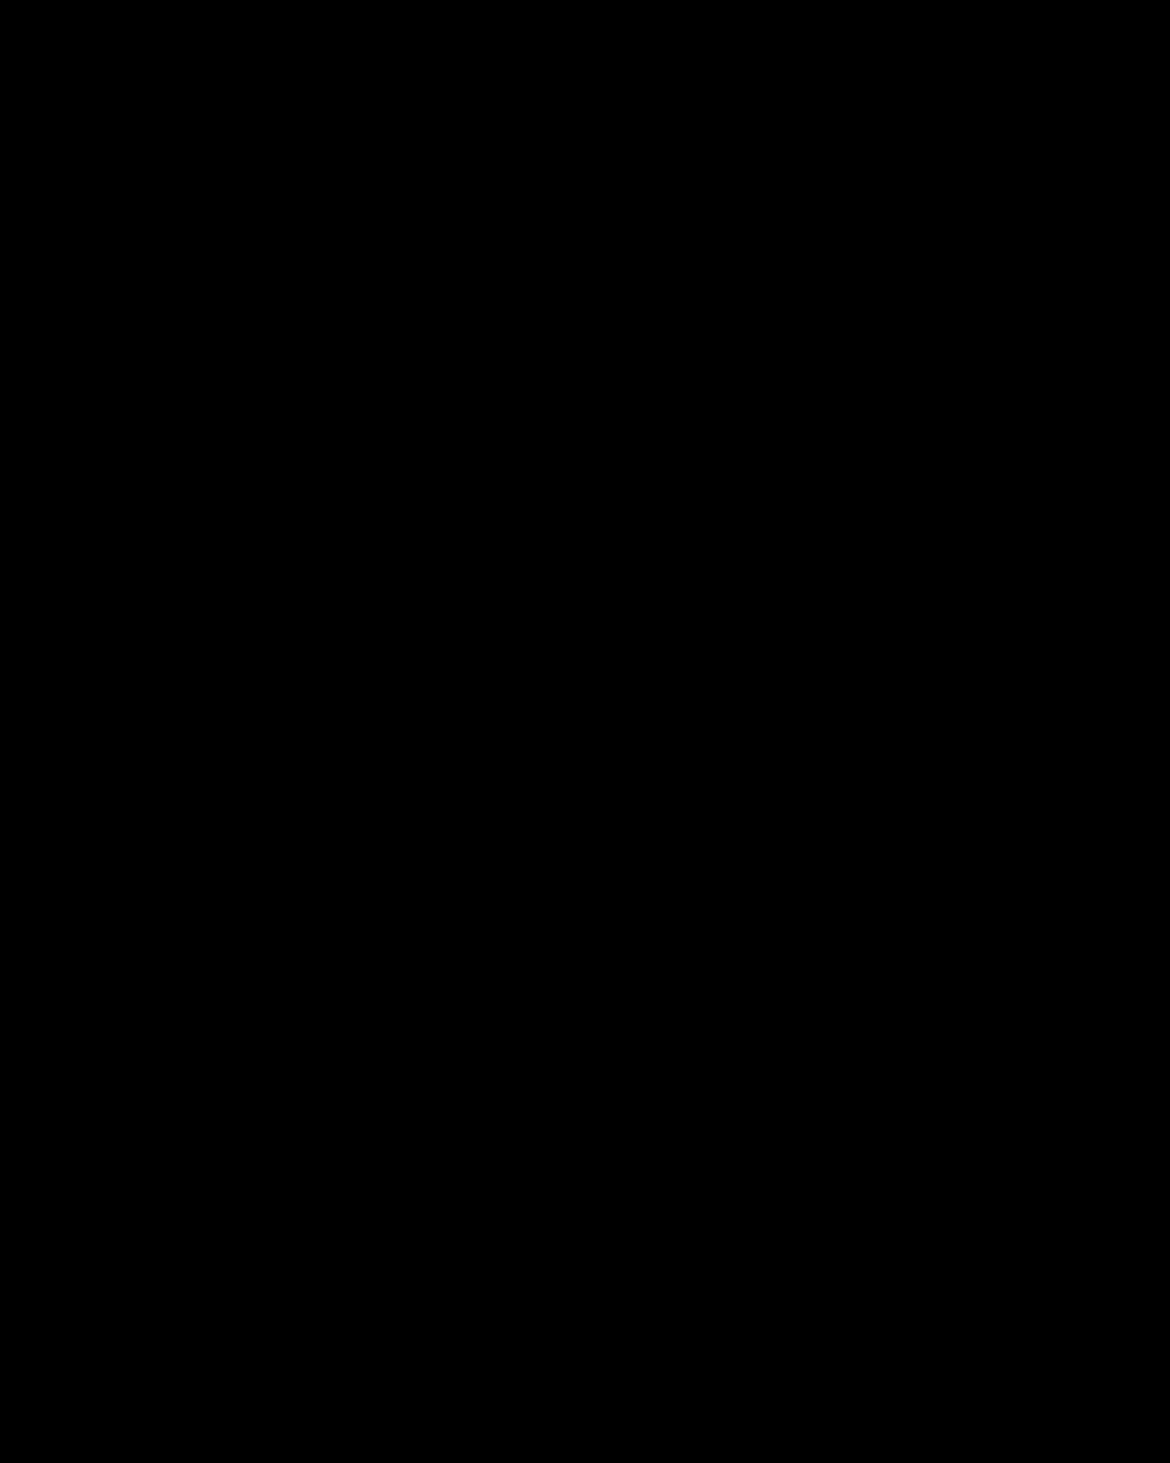 Laura Comolli - Cosa vedere all'Avana - Case colorate nella piazza del Capitolio